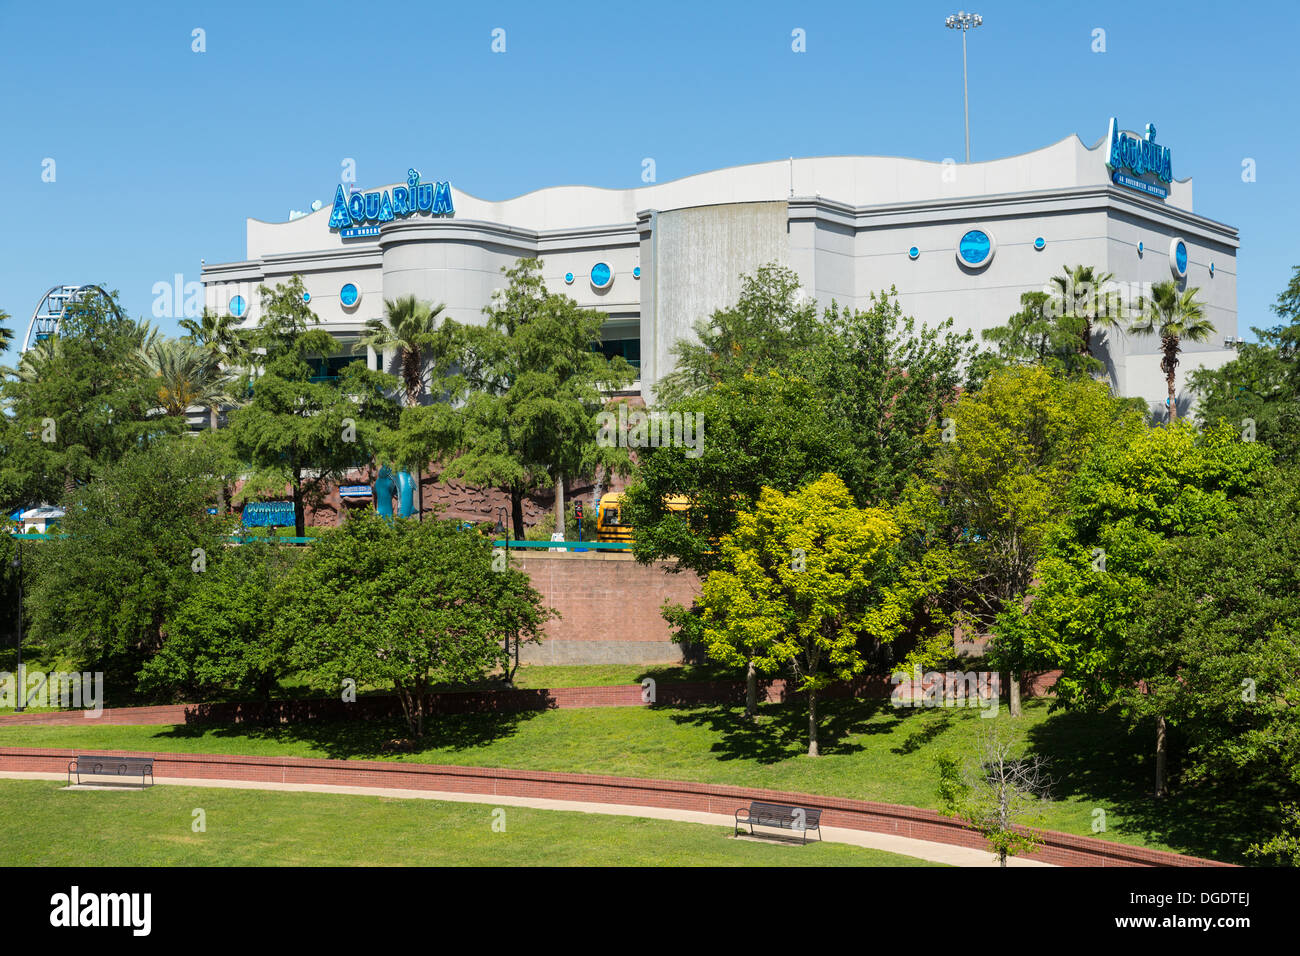 Houston downtown aquarium Texas - Stock Image